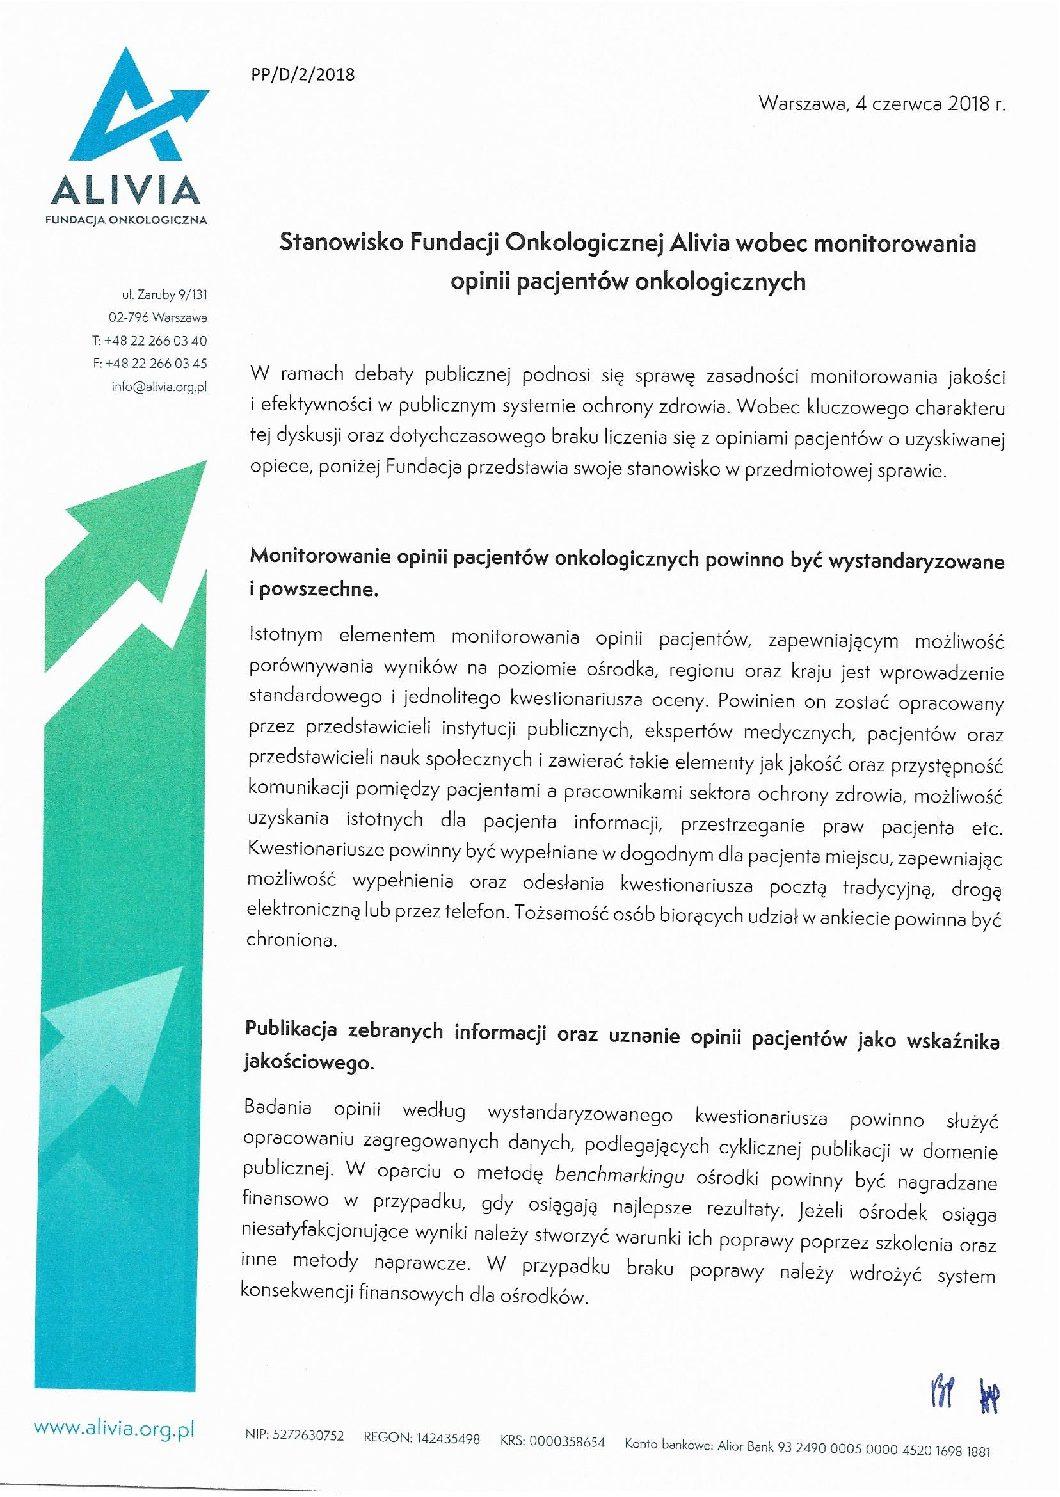 Stanowisko Fundacji Alivia ws. zapewnienia instytucjom publicznym zasobów do kreowania polityki zdrowotnej oraz monitorowania opinii pacjentów